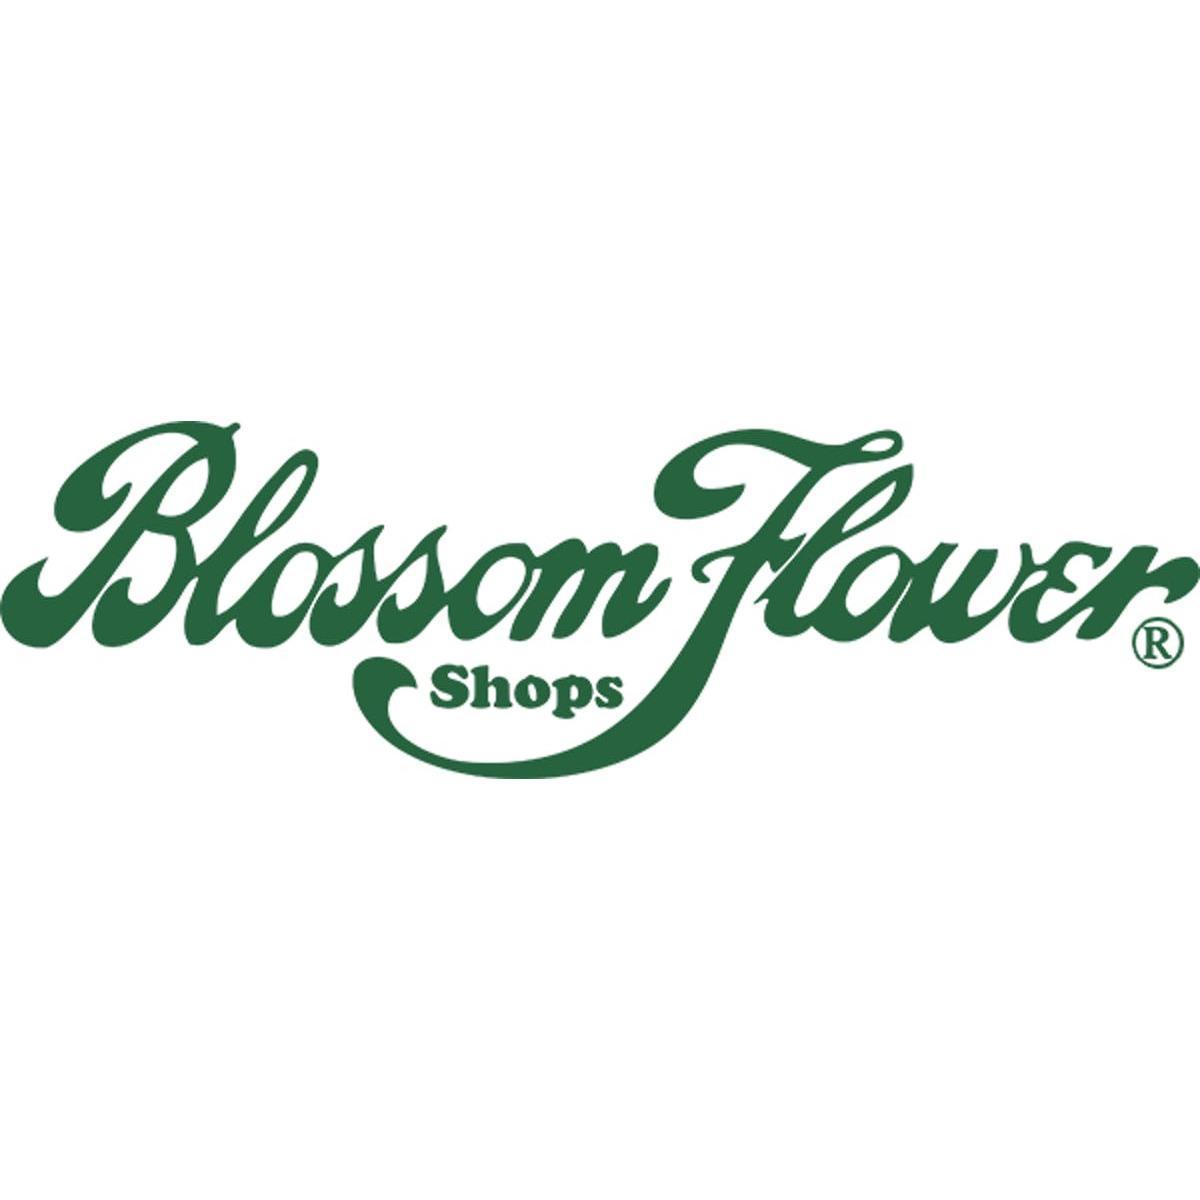 Blossom Flower Shops